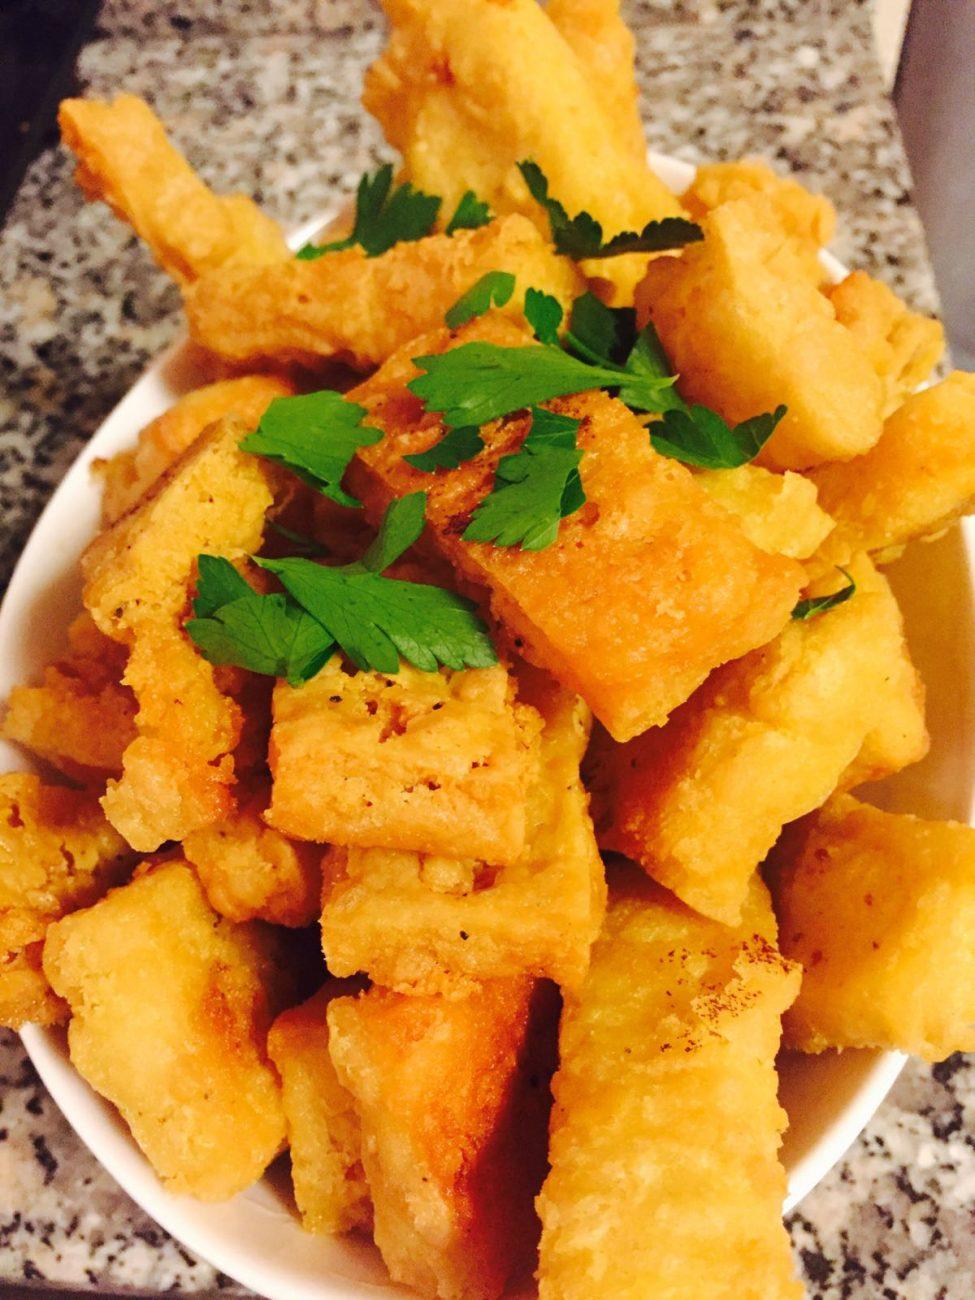 Crunchy Mediterranean Chickpea Fries